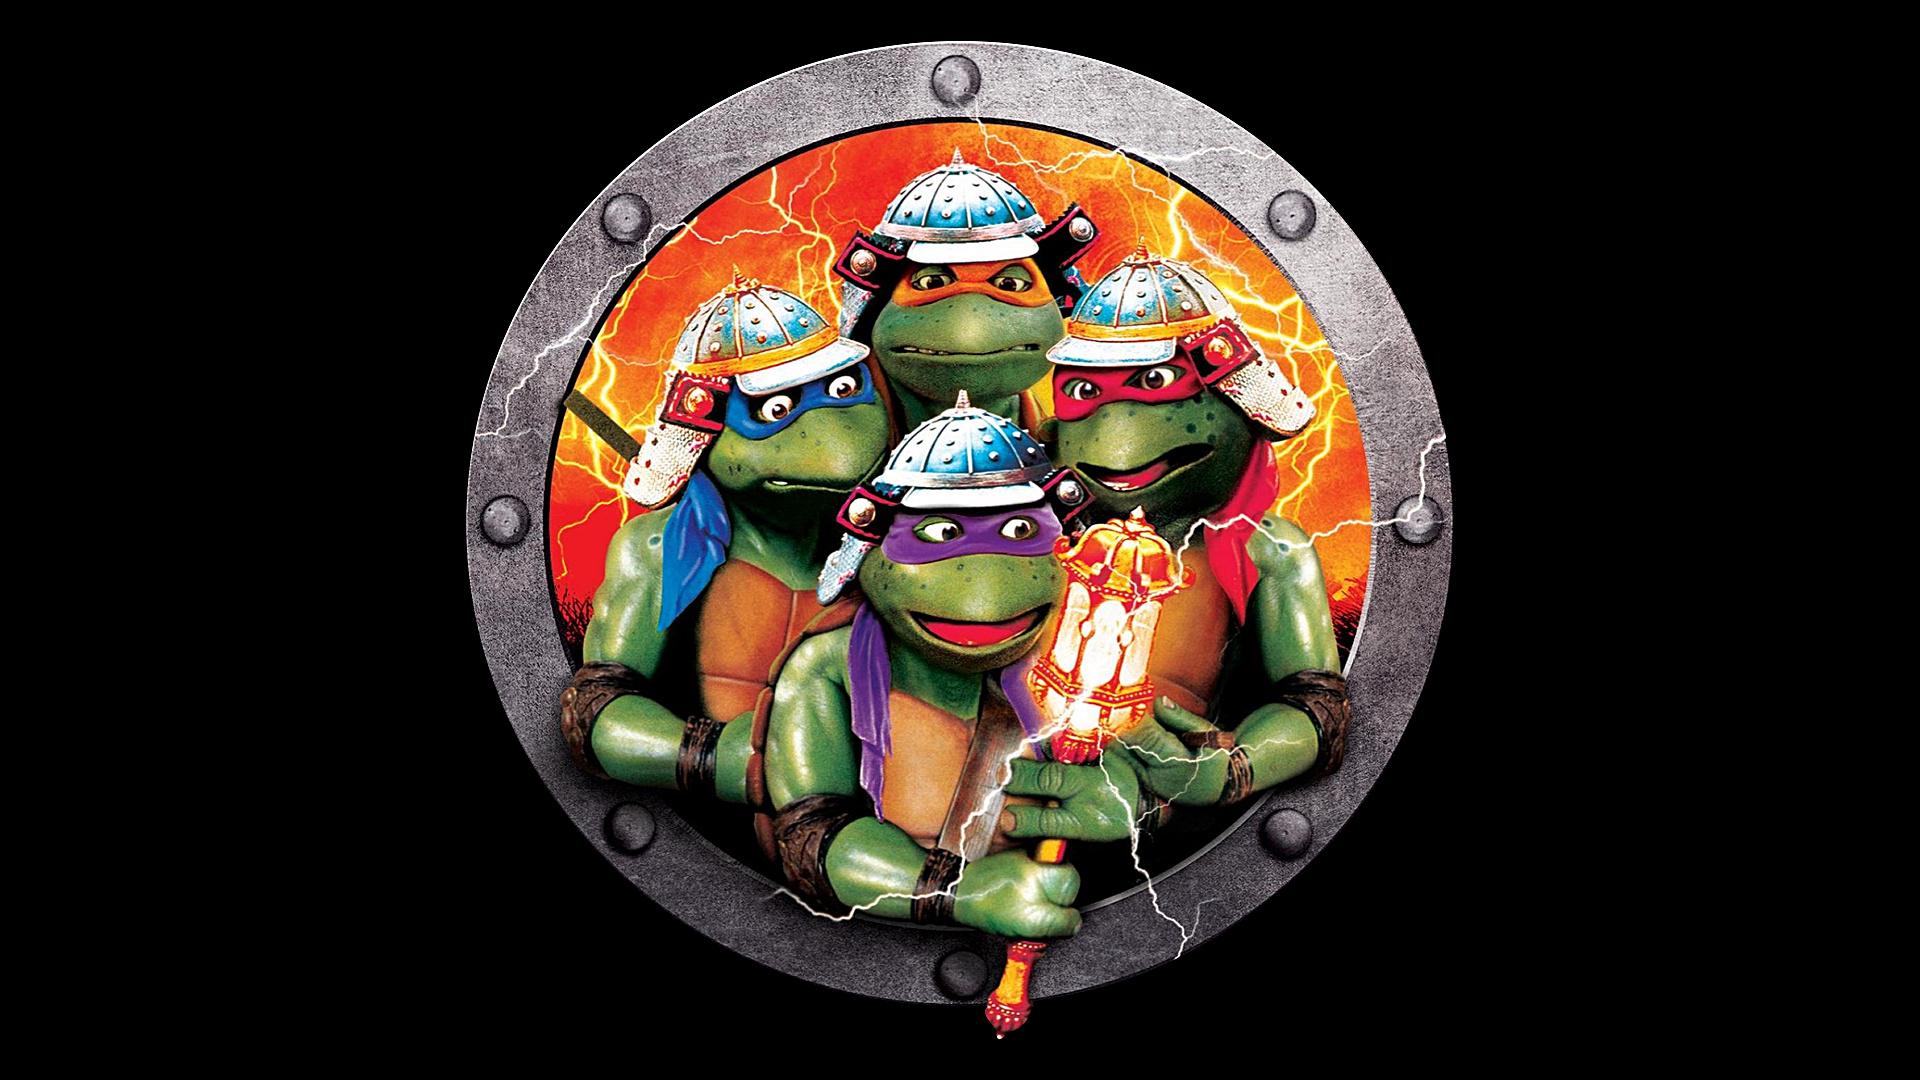 Teenage Mutant Ninja Turtles Iii Turtles In Time Hd Wallpaper